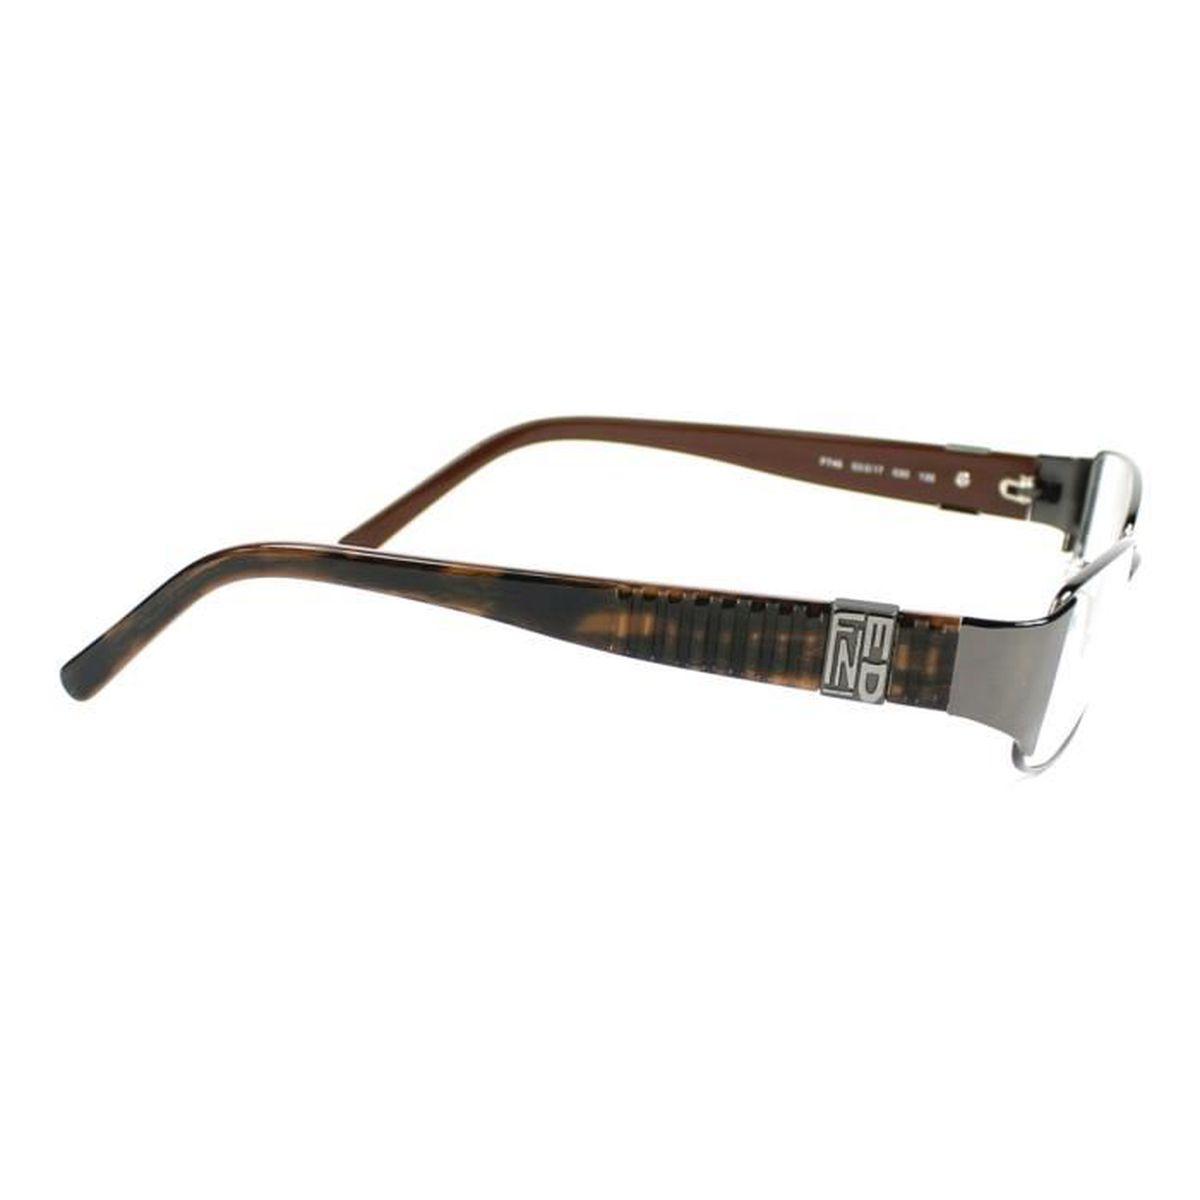 Lunettes de vue Fendi F746 -30 Gunmetal - Marron - Achat   Vente lunettes  de vue Lunettes de vue Fendi F746 Femme Adulte - Cdiscoun c3a84d9b0755